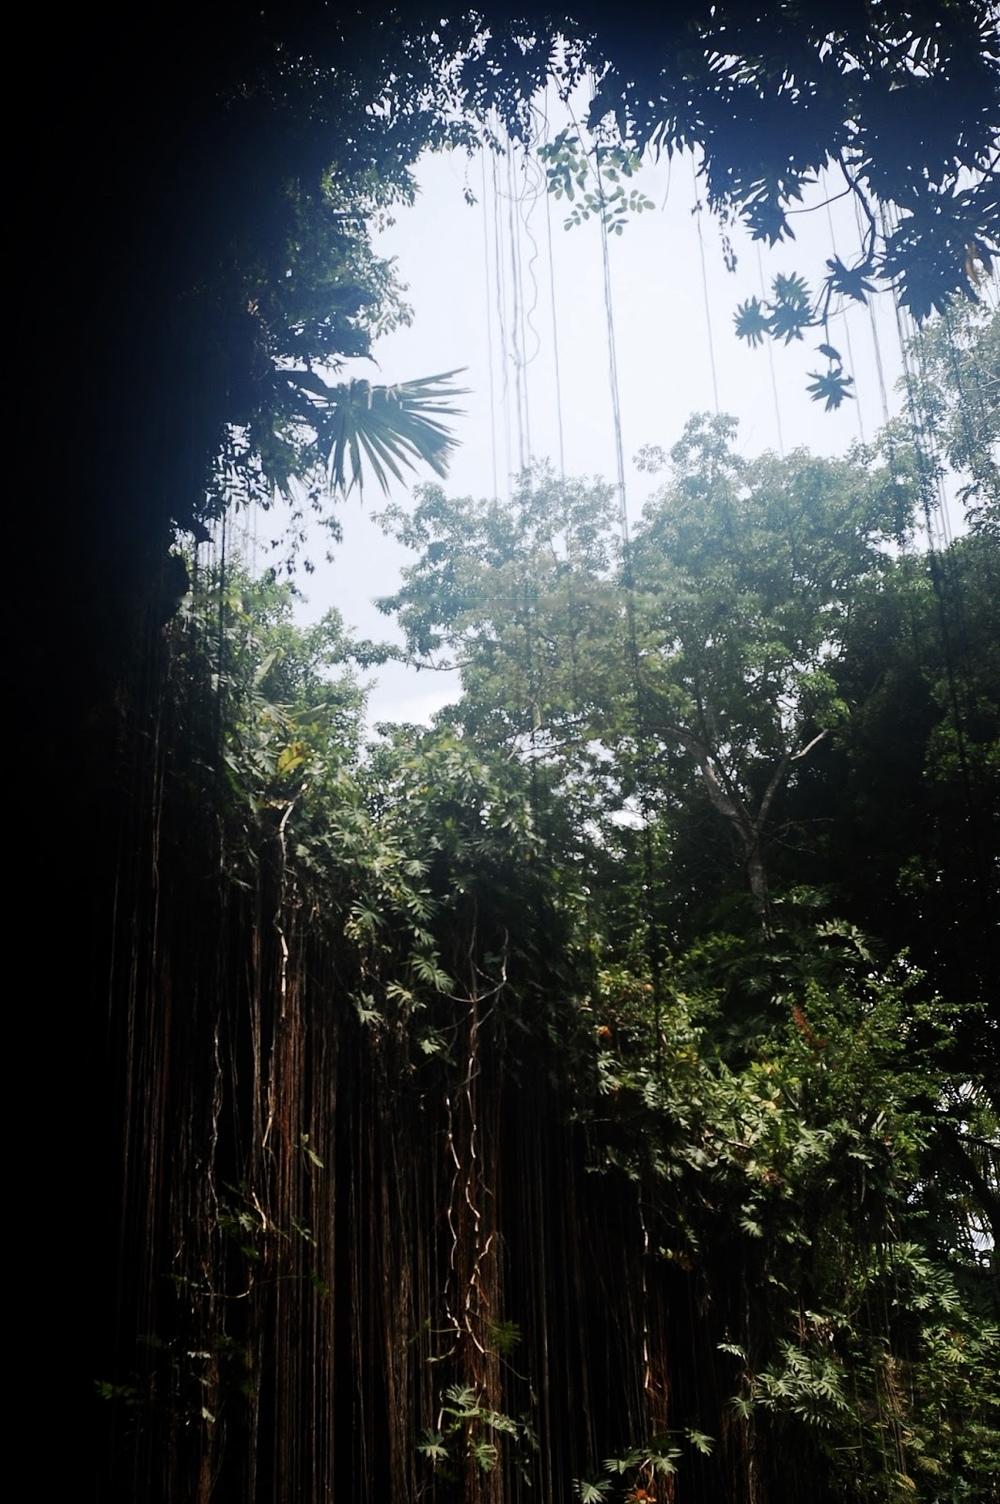 Ik Kil Cenote, Mexico 2015